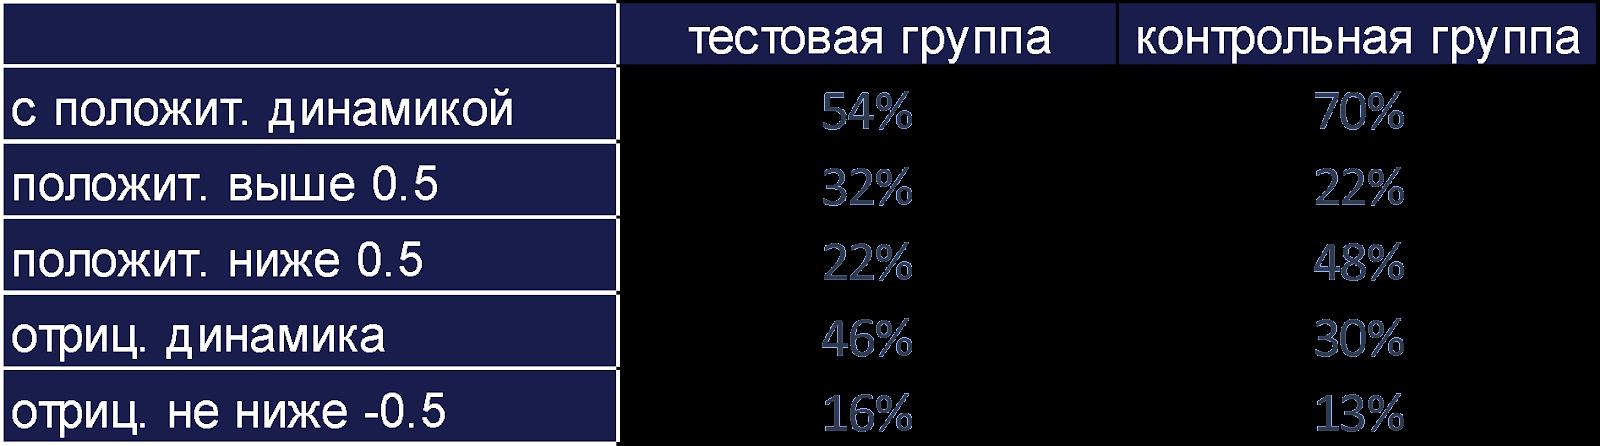 Исследование Rookee: Как чаты Яндекса влияют на CTR сниппета